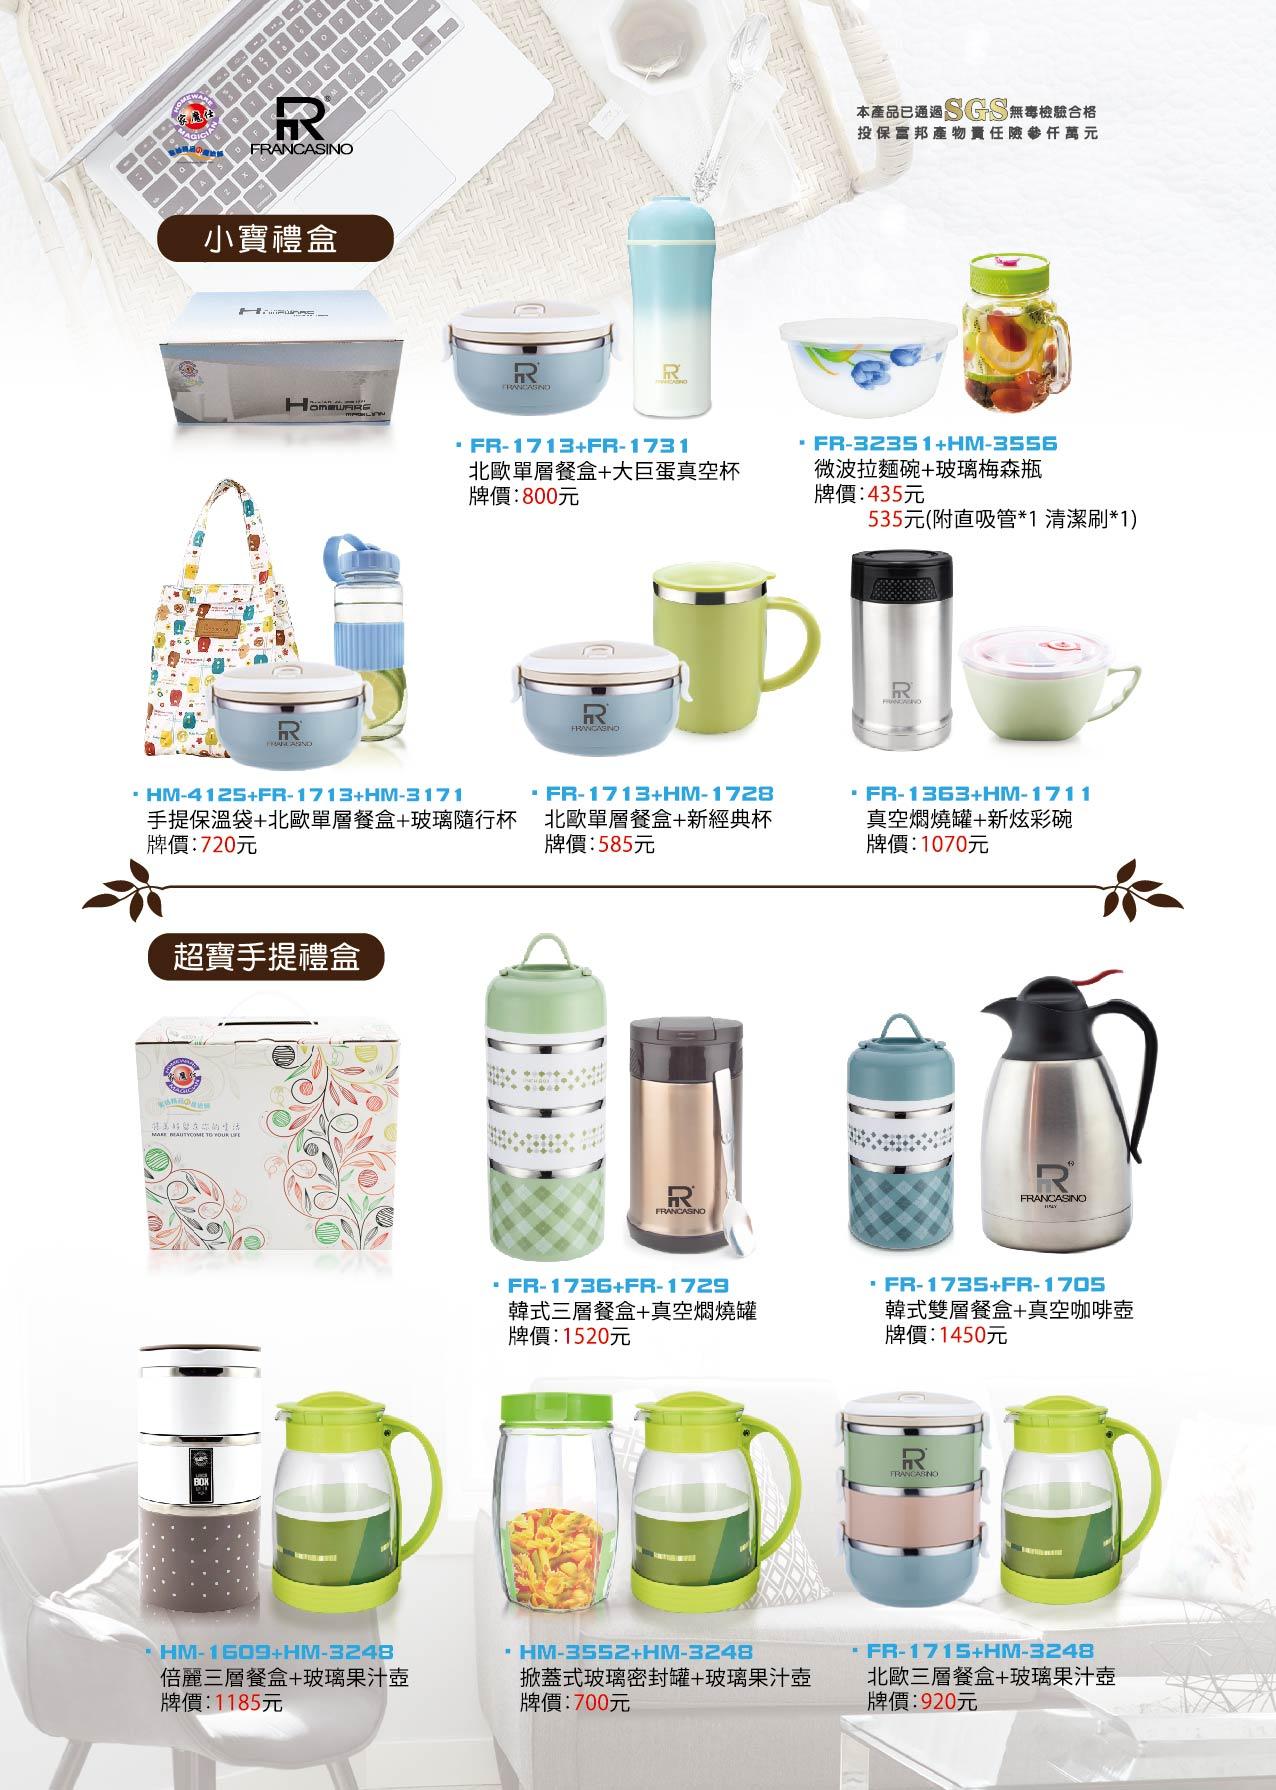 惠旸-不锈钢01-05-2(框)NEW-05